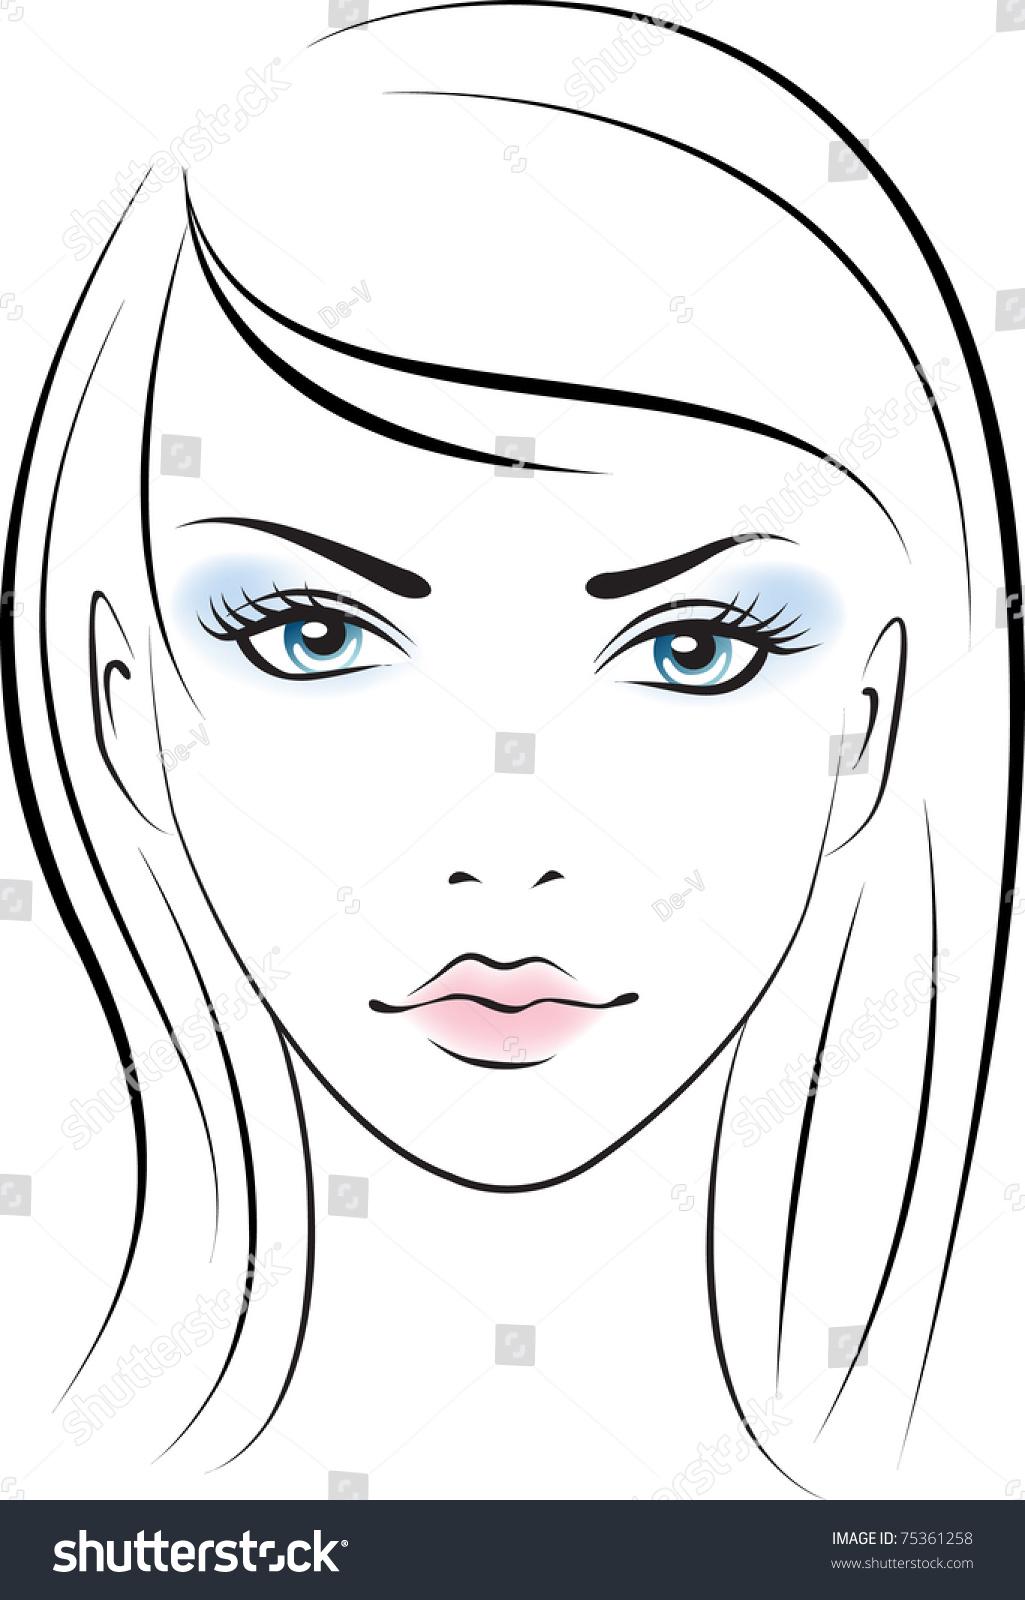 Раскраски макияжа для девочек